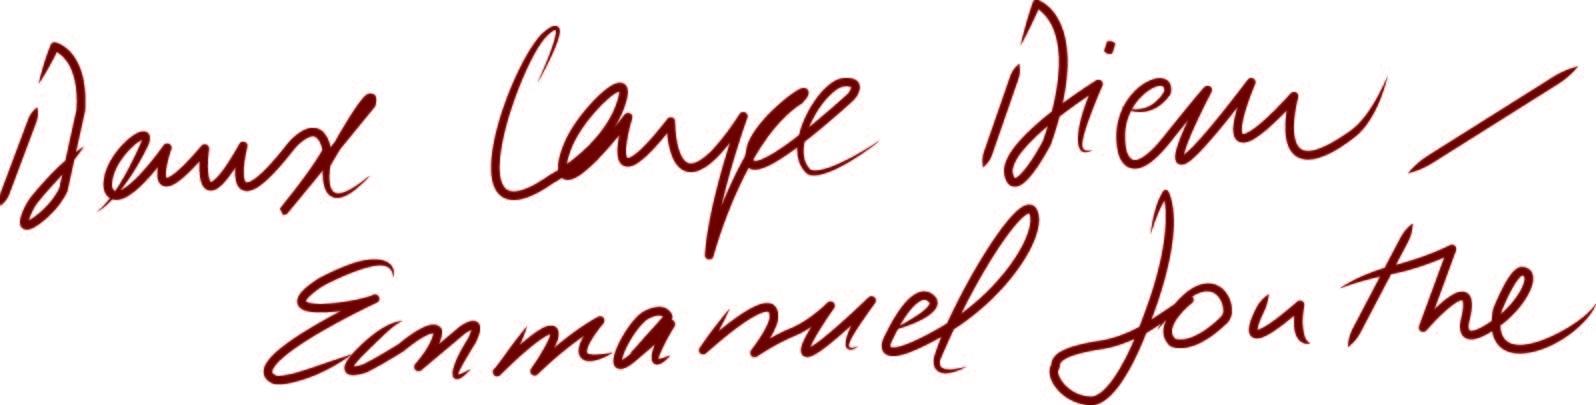 Danse Carpe Diem/Emmanuel Jouthe Logo